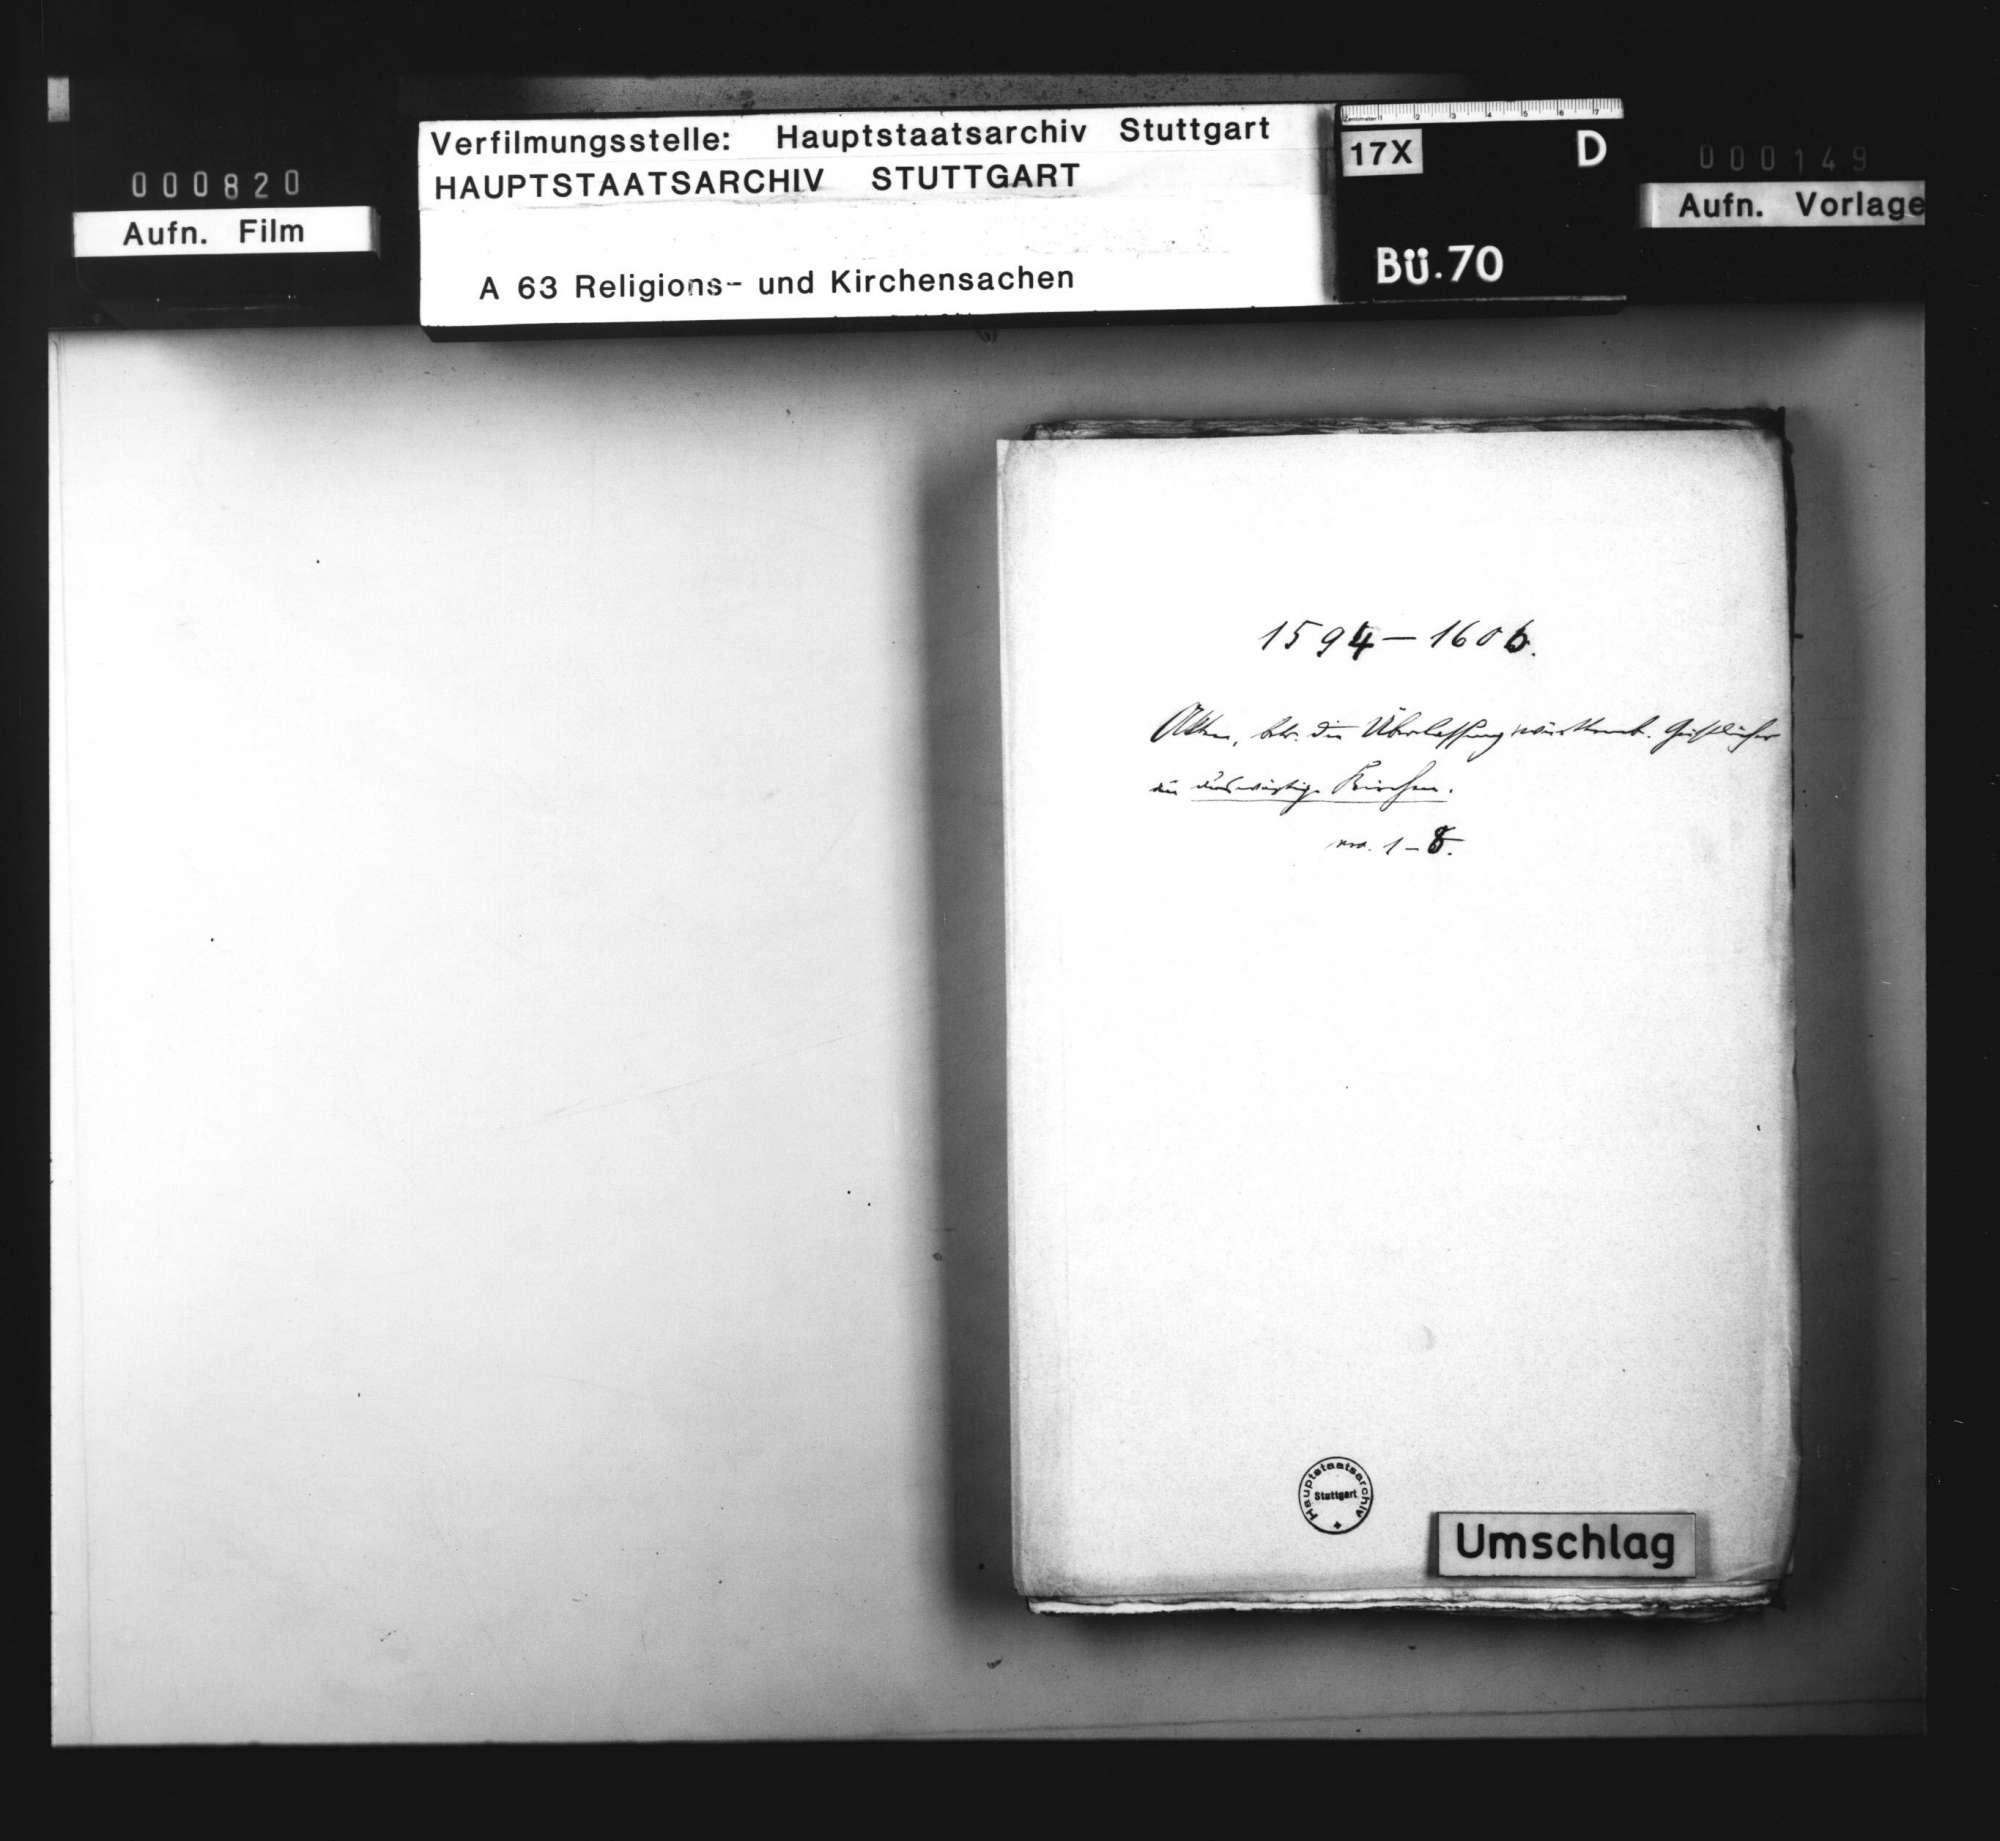 Akten, betreffend die Überlassung württembergischer Geistlicher an auswärtige Kirchen: 1. des J. Bogenritter nach Hagenau, 1594. 2. des Marcus Löffler nach Böhmen, 1595/97. 3. des G. Keppelmann an G. von Wald ins Thurgau, 1597. 4. des G. Speyser an den Grafen von Erbach, 1599. 5. des Leonhard Seiz an denselben, 1602. 6. des C. Wagner an den Freiherrn zu Gundersdorf, 1602. 7. des U. Viktor nach Landau, 1604. 8. des Erhard Cellius an die Stadt Wimpfen, 1606., Bild 1